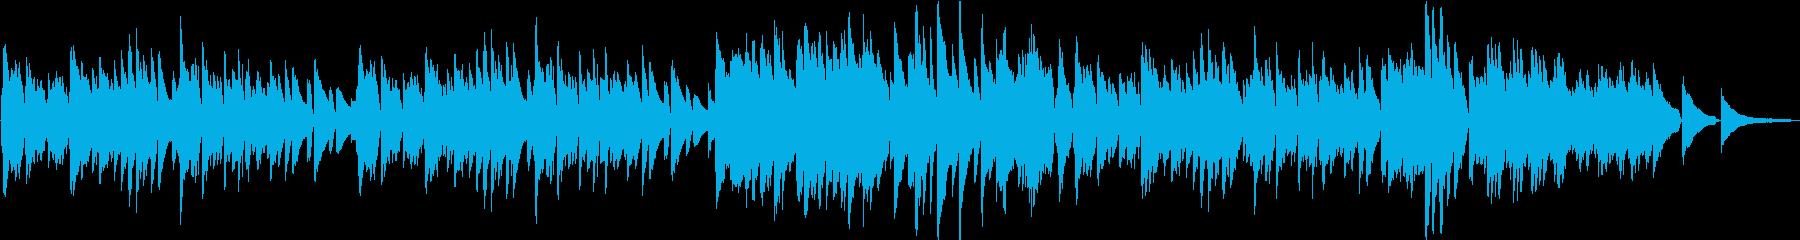 軽快で爽やかなキラキラしたピアノのワルツの再生済みの波形